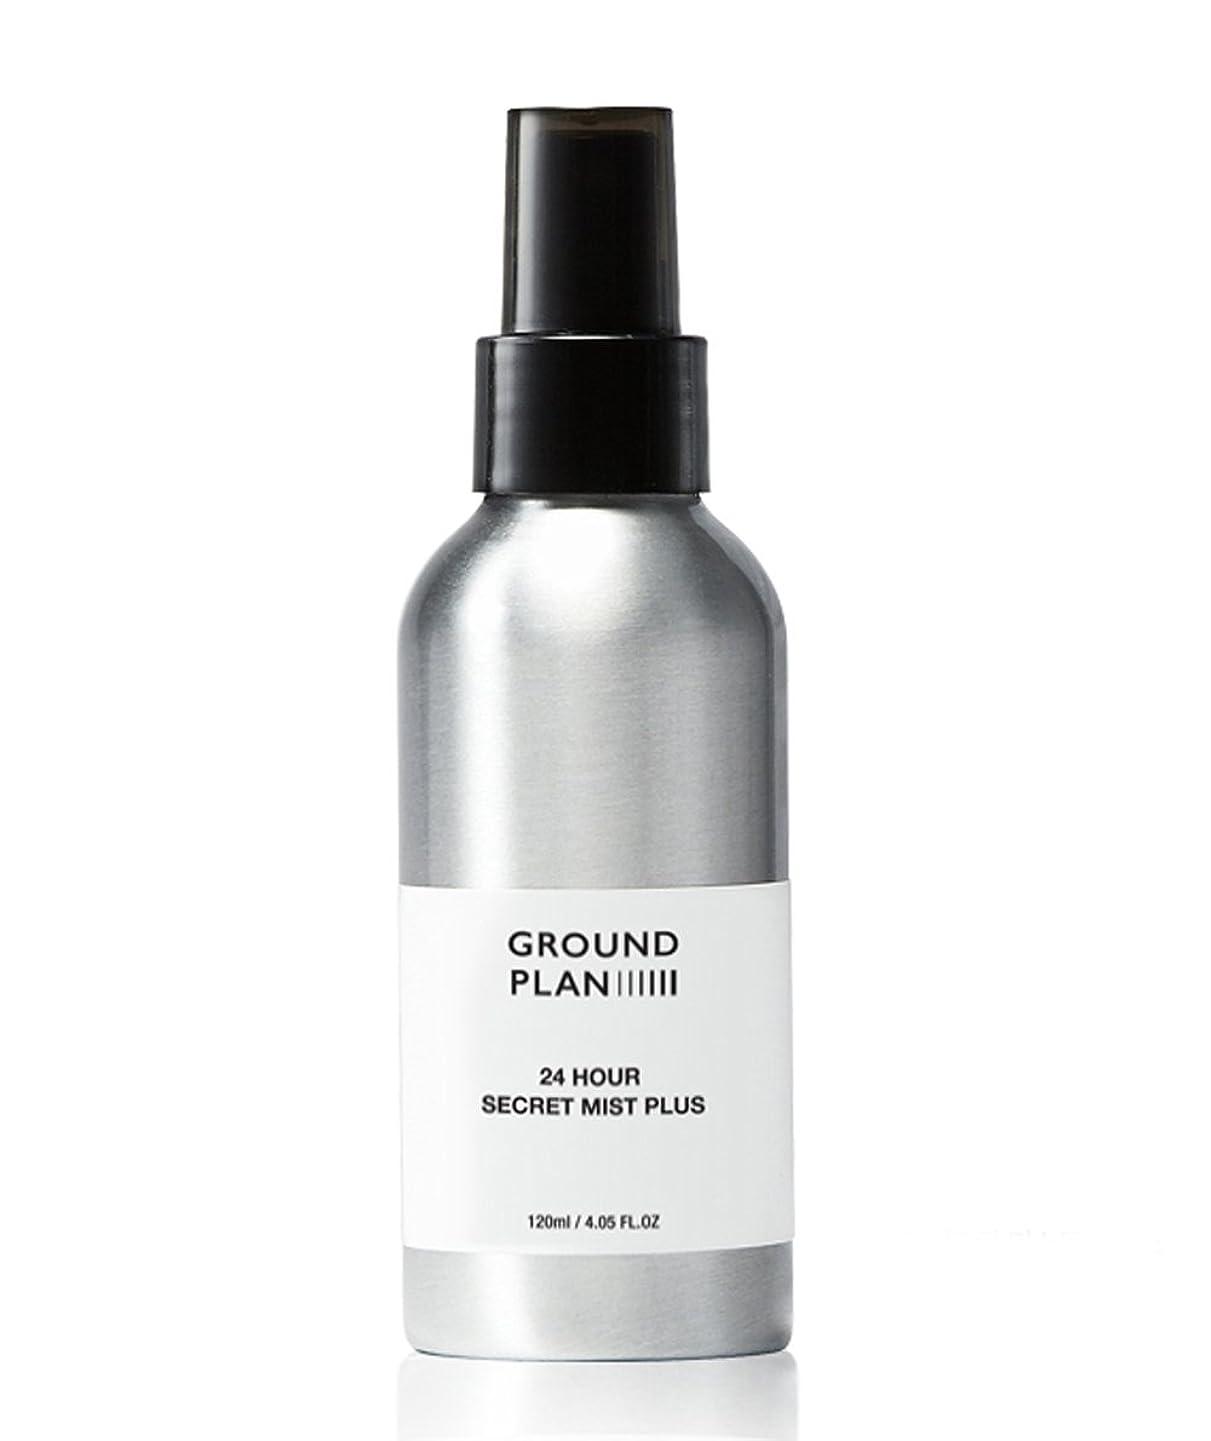 戸棚アーカイブ情報[グラウンド?プラン] 24Hour 秘密 スキンミスト Plus Ground plan 24 Hour Secret Skin Mist Plus [海外直送品] (120ml)